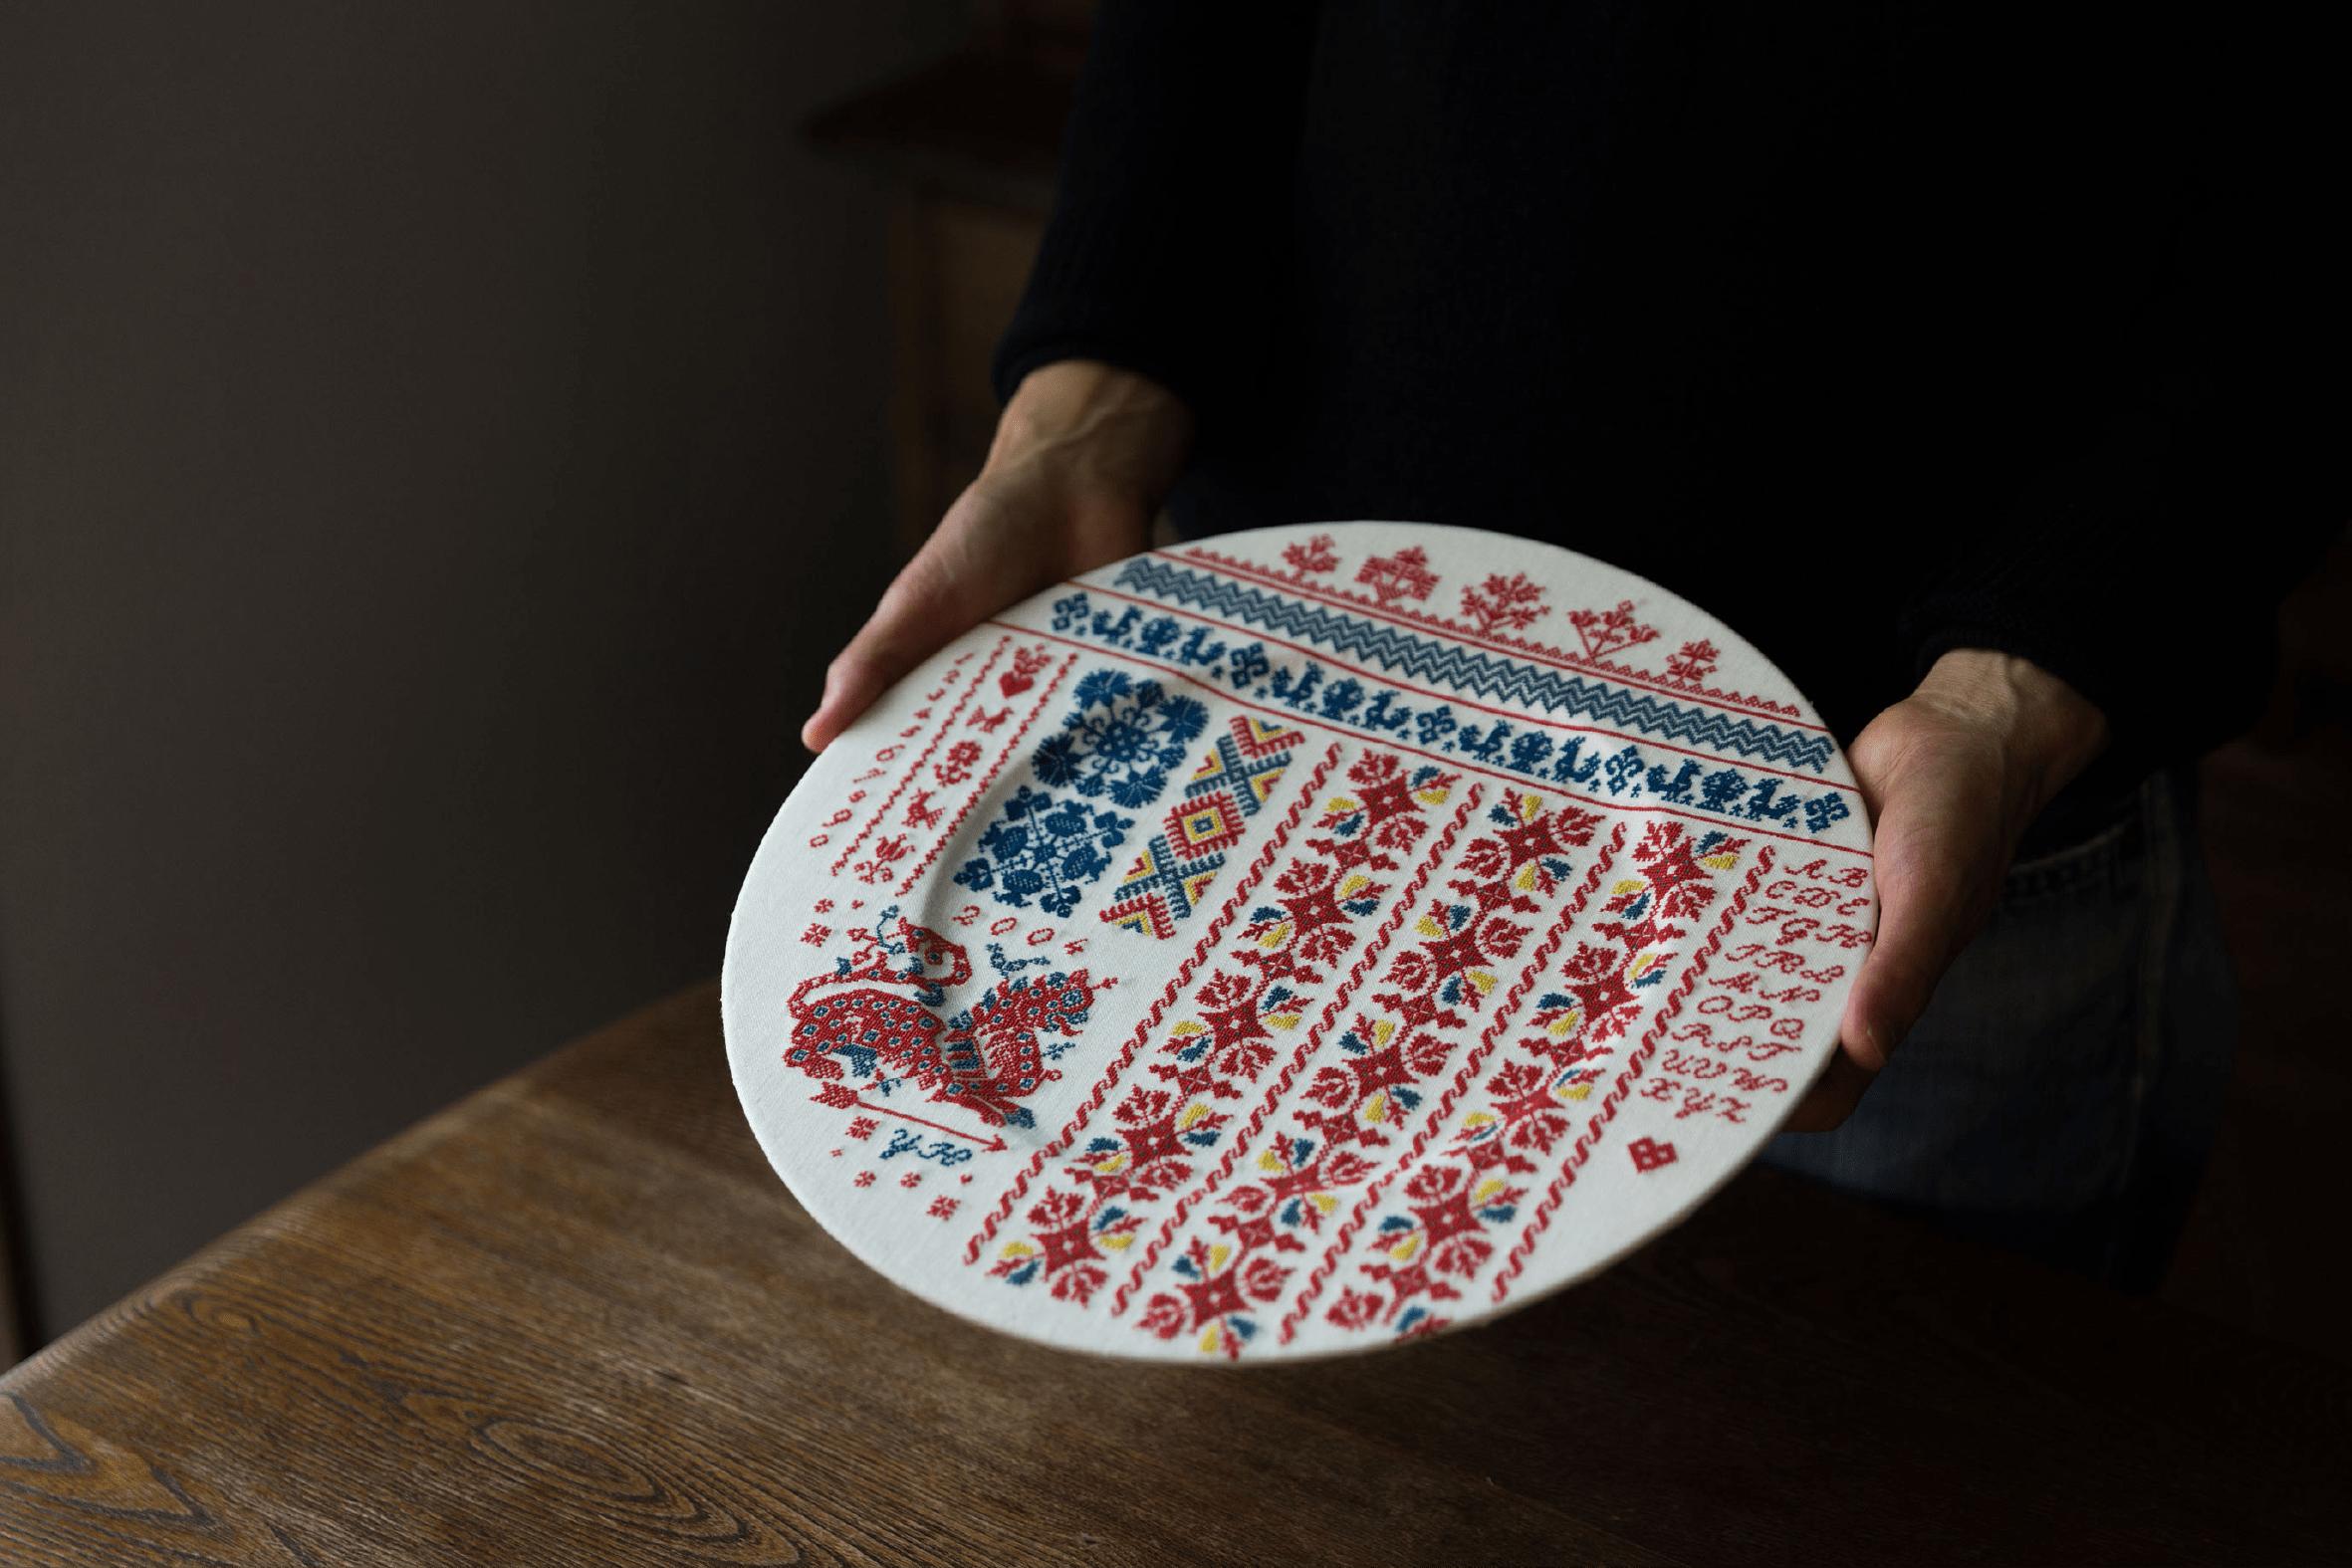 ブルガリアの民族衣装の模様を復刻し、さまざまなモチーフを組み合わせてお皿に クロスステッチ